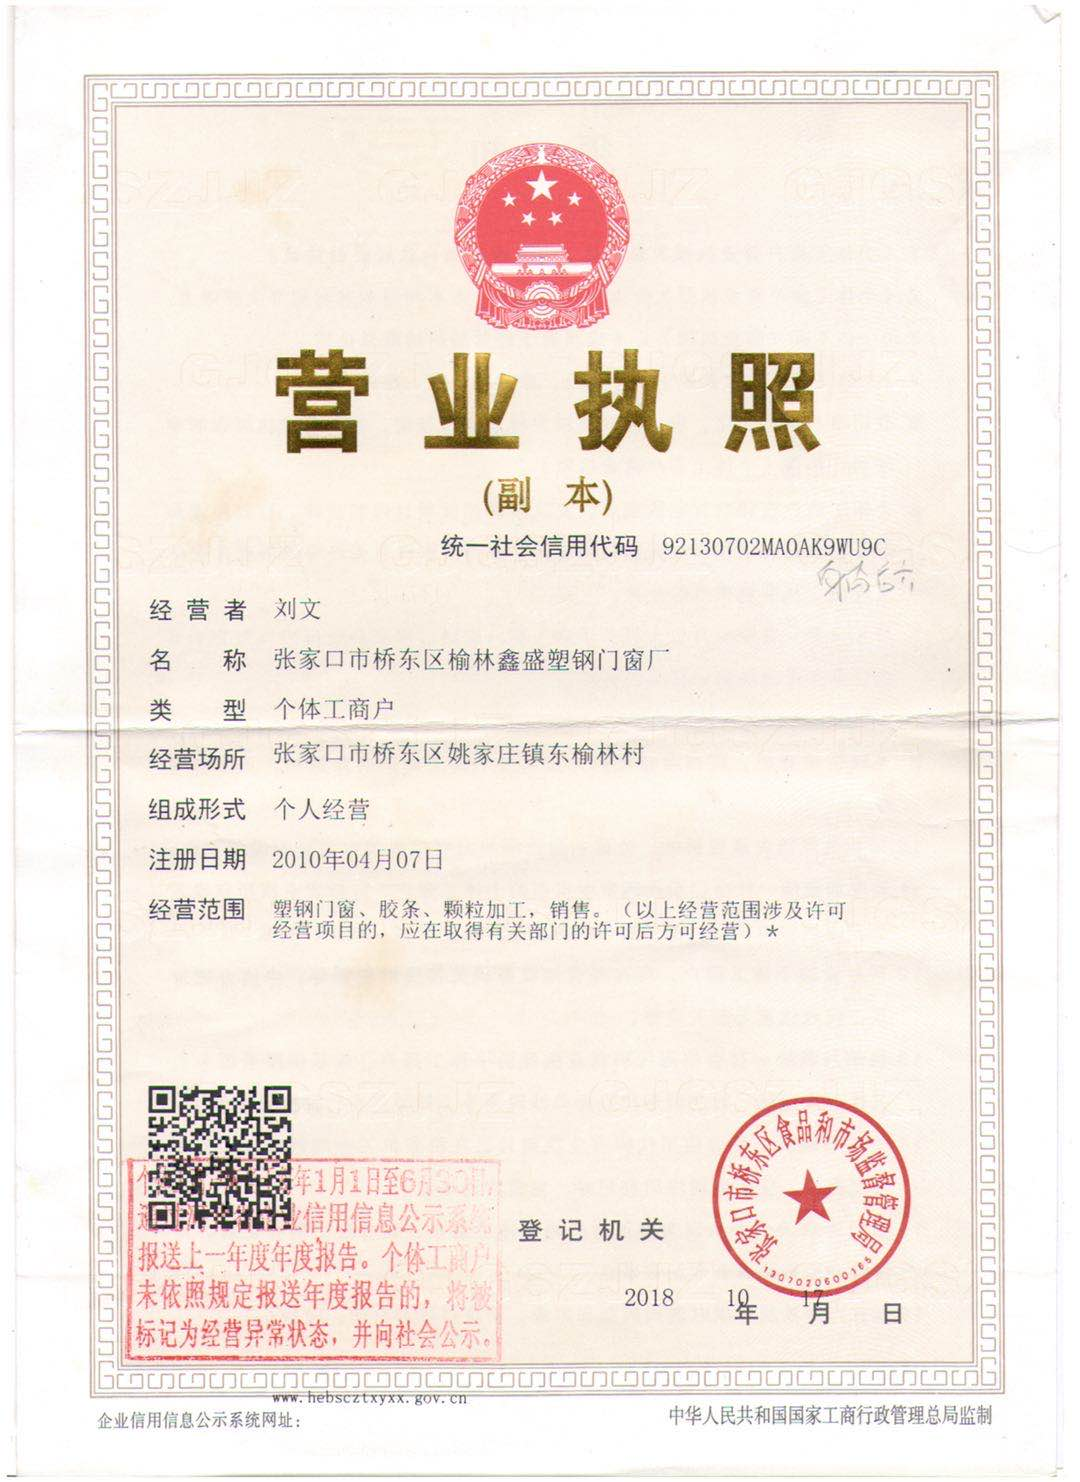 张家口市桥东区榆林鑫盛塑钢门窗厂营业执照